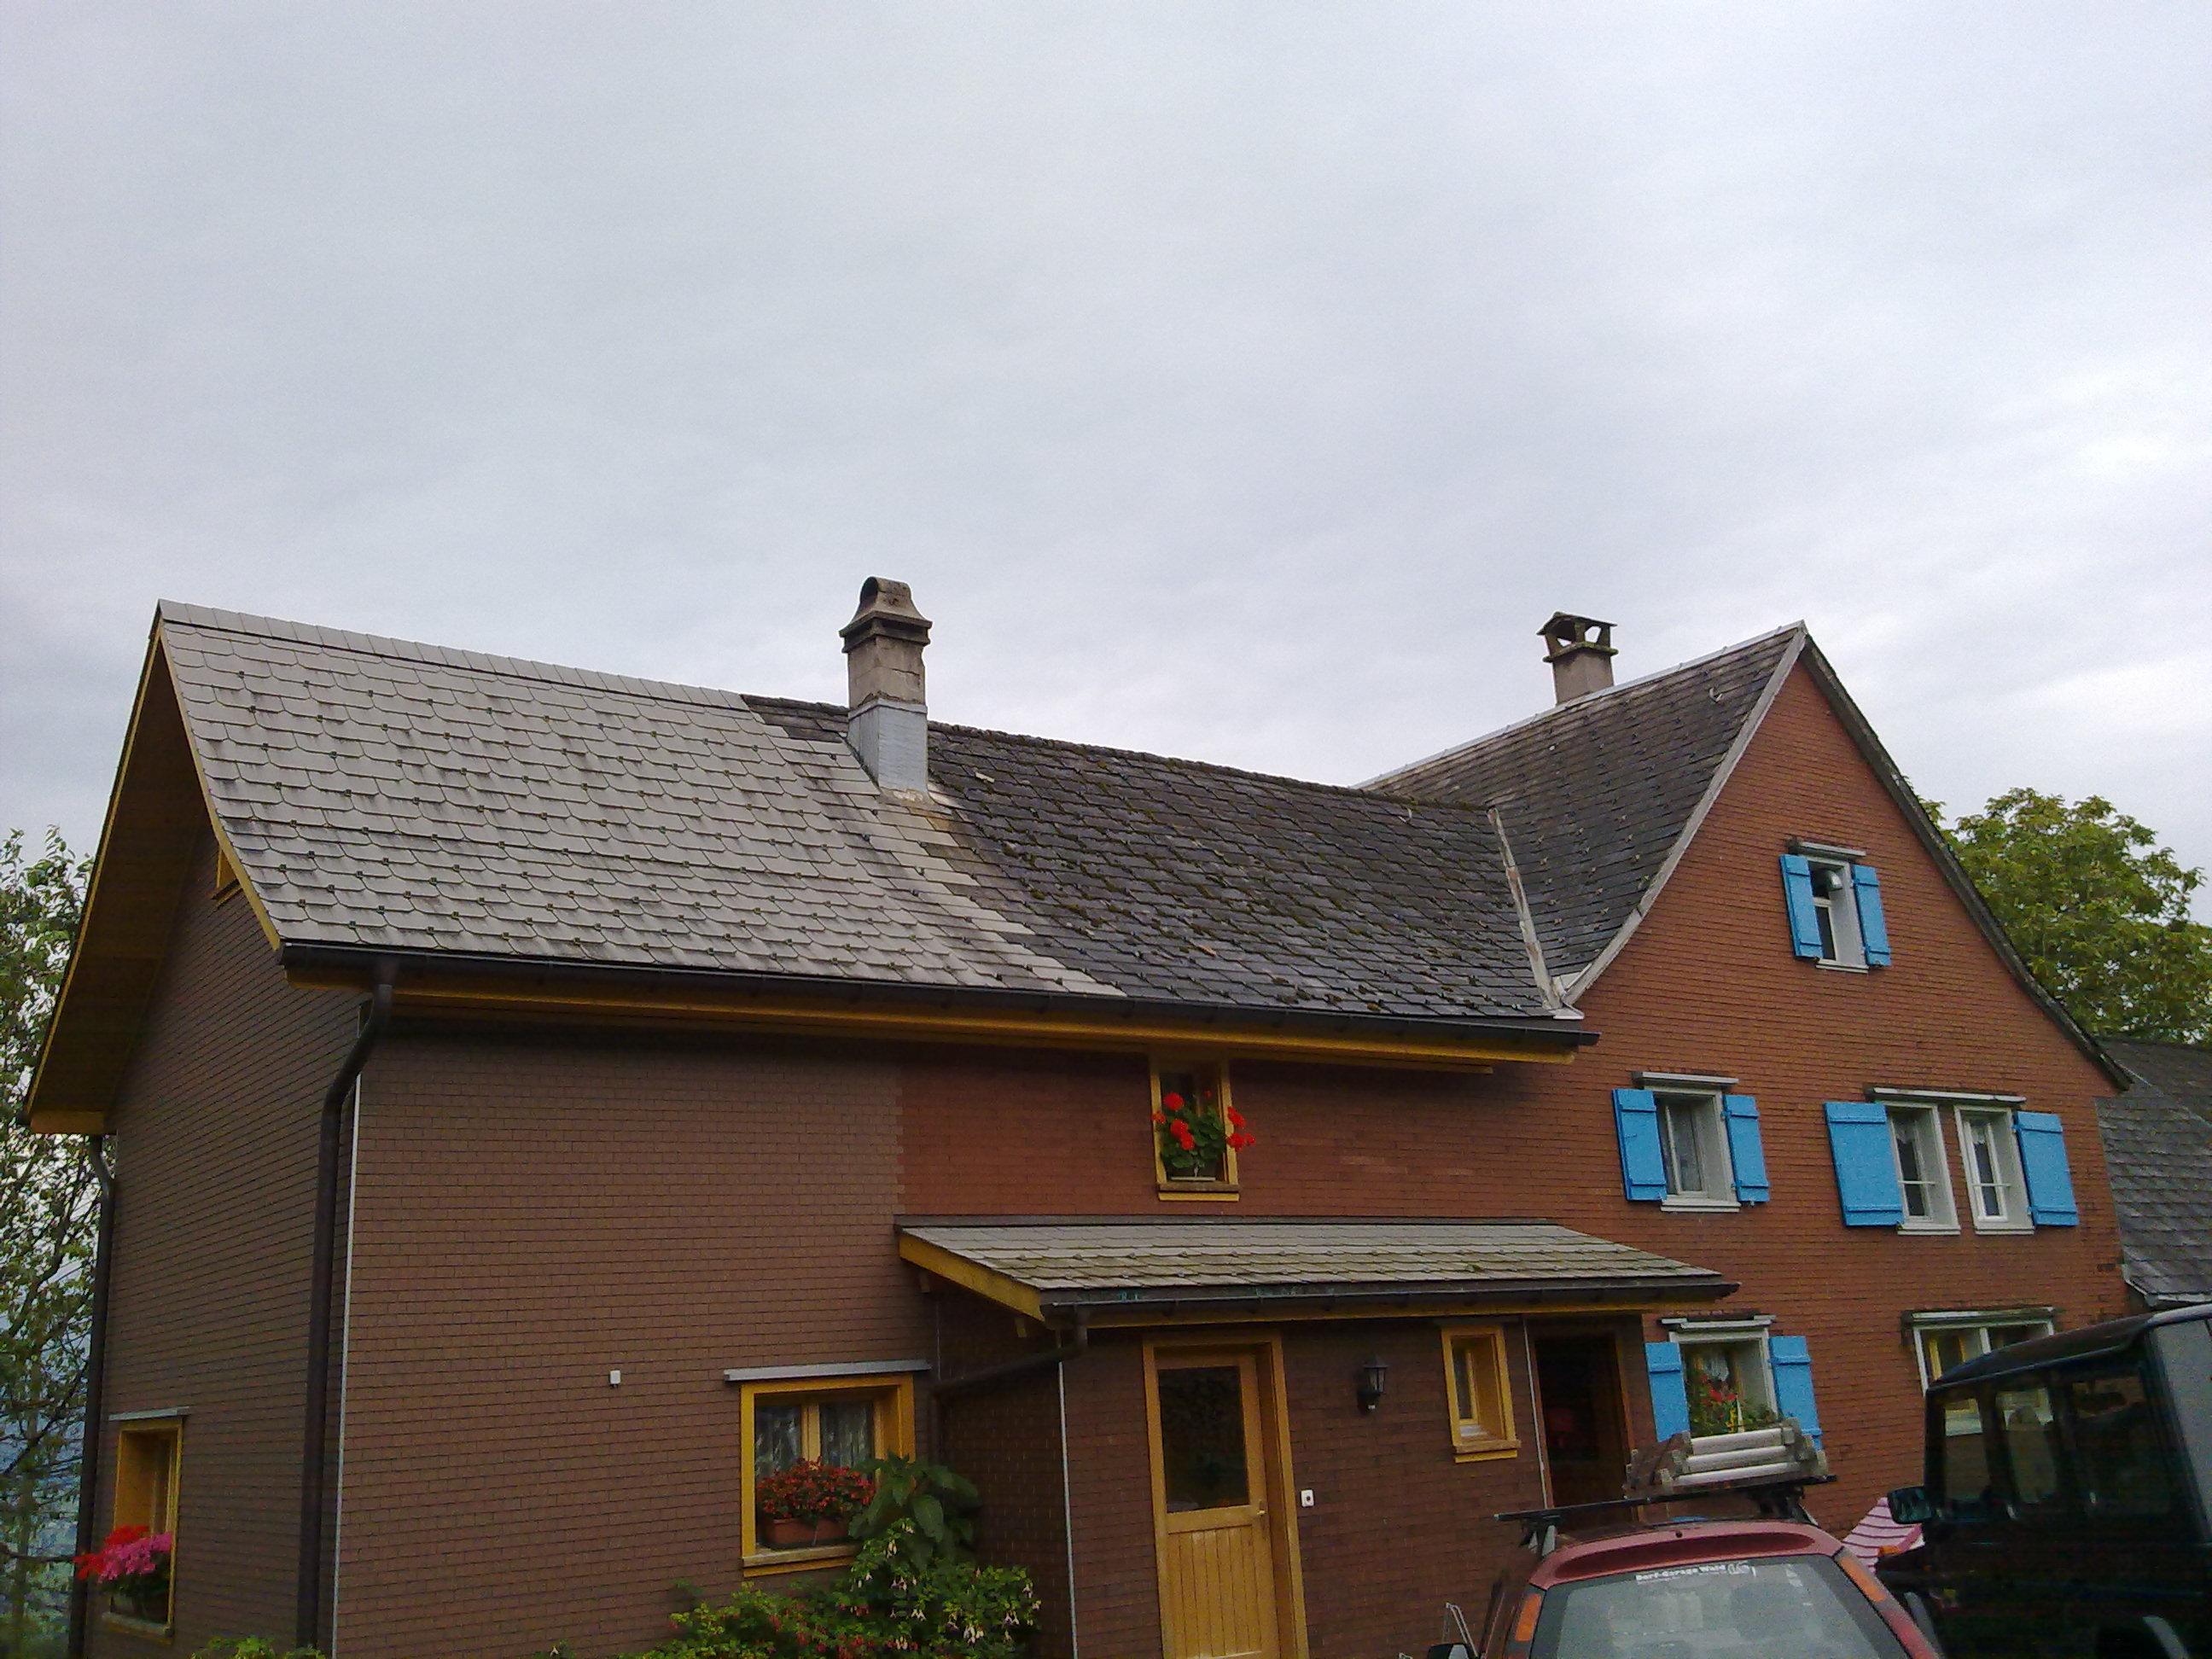 Bauernhof-Dach - vorher